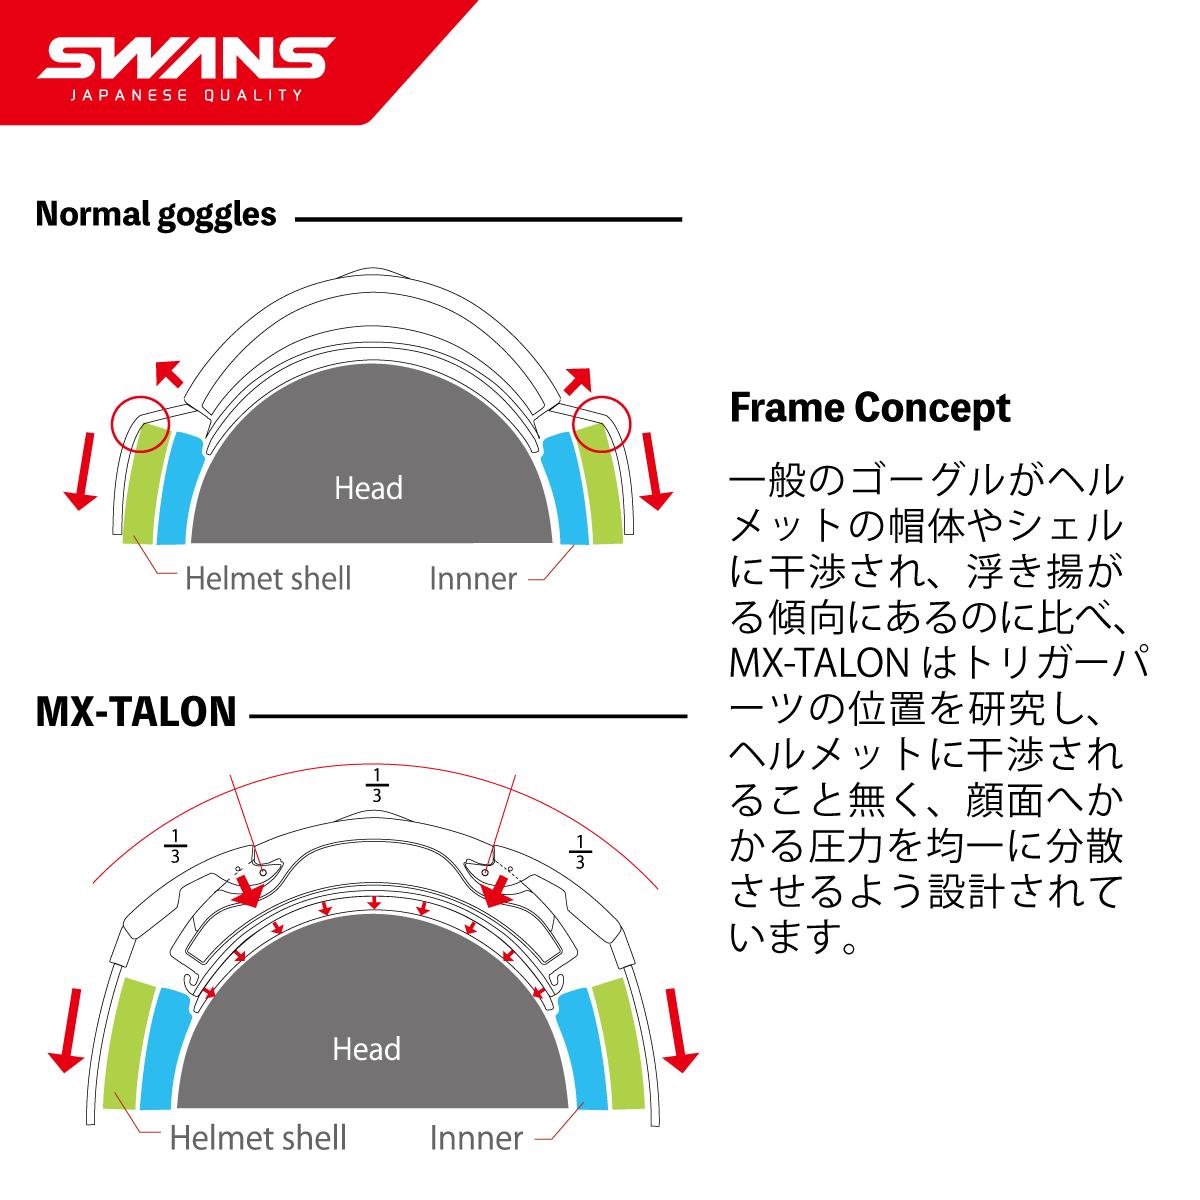 【3月入荷予定】MX-TALON-M MBK ダート・モトクロスゴーグル ミラータイプ